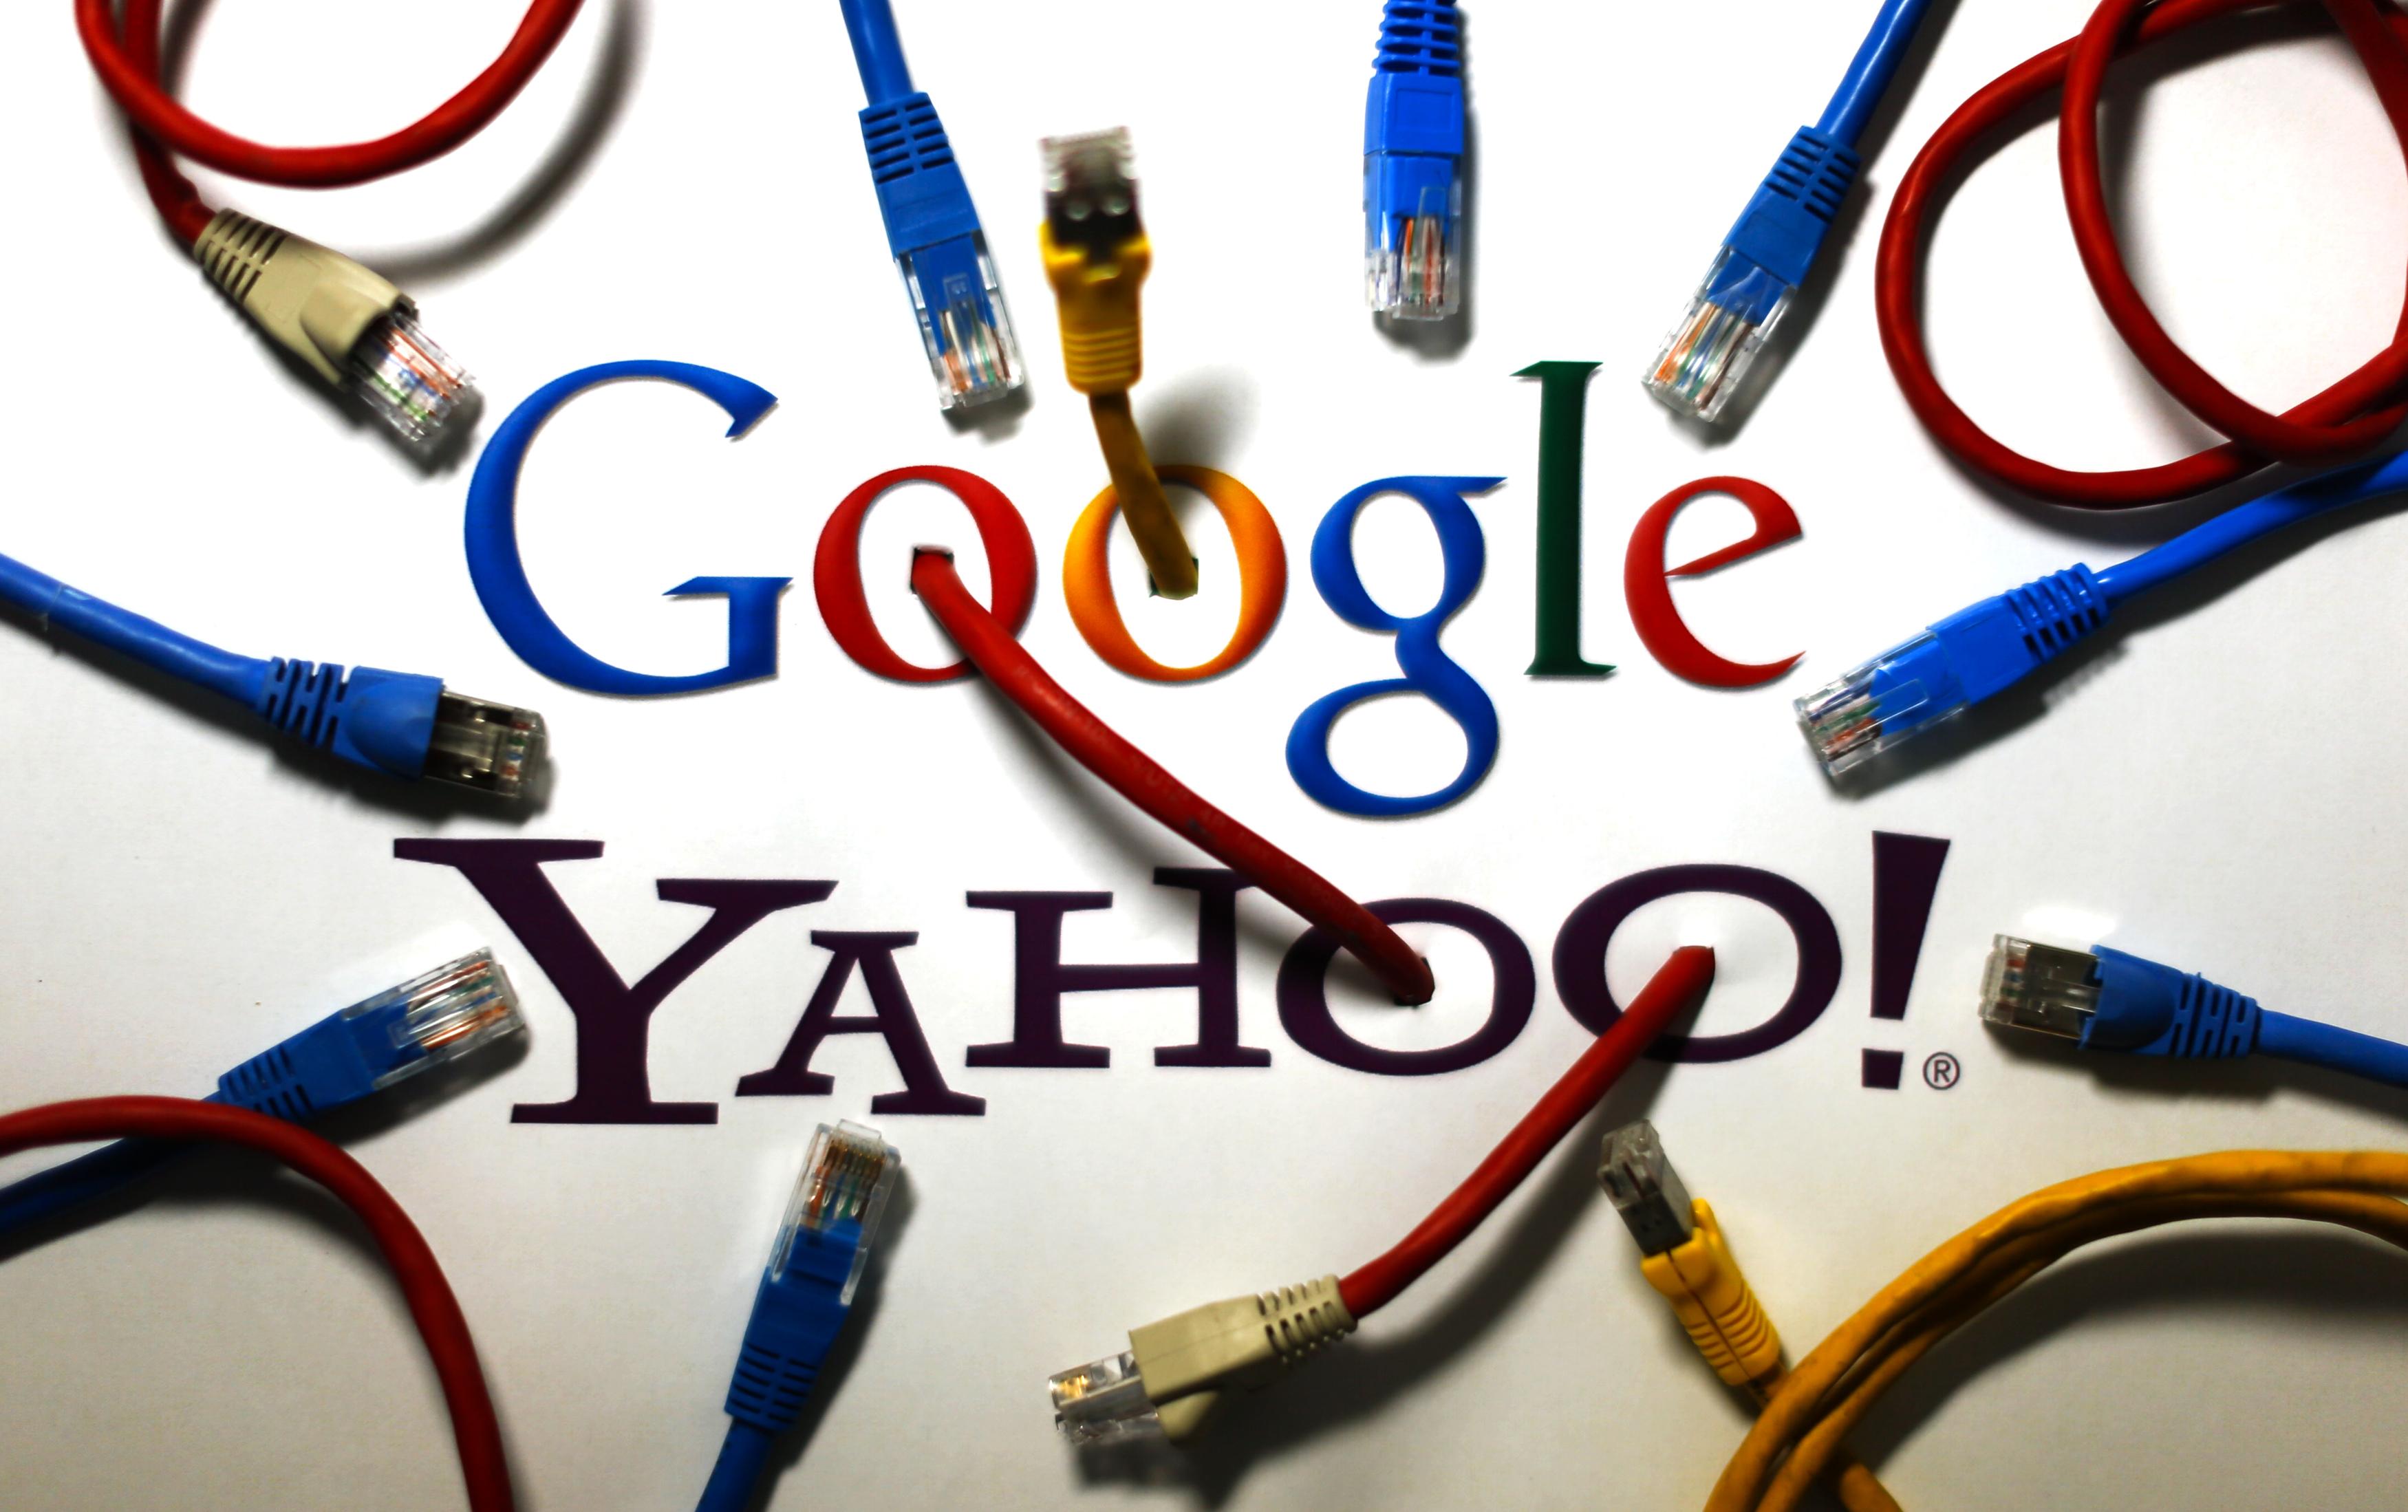 أستراليا تستهدف محركي جوجل وياهو فى إطار حملة لمكافحة القرصنة